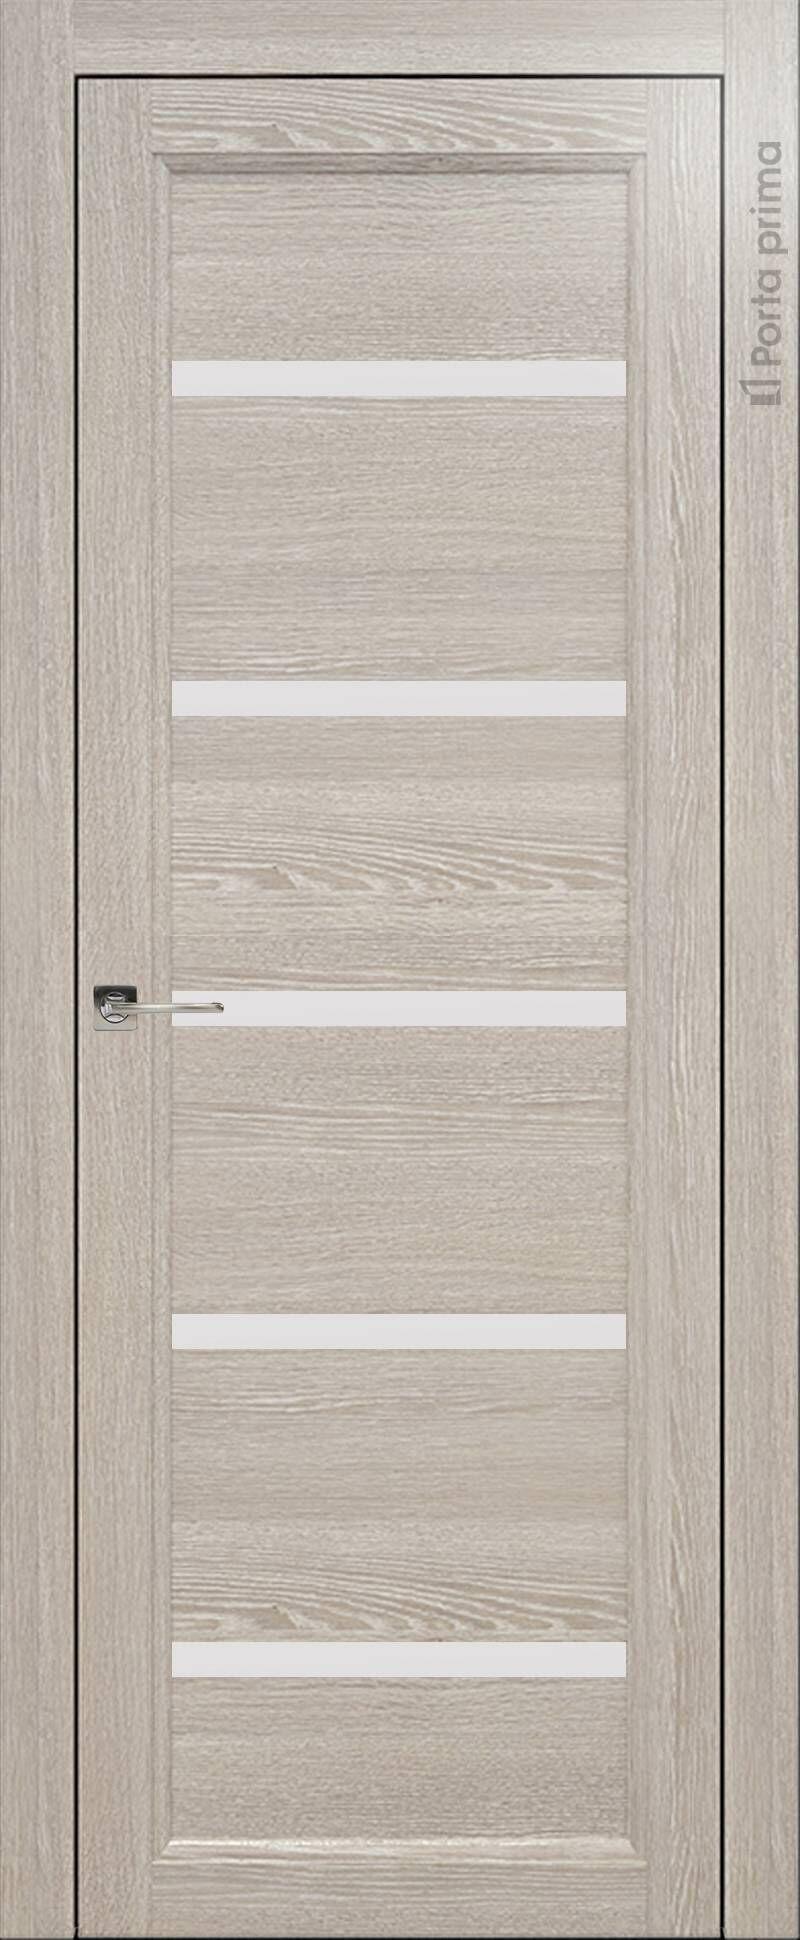 Sorrento-R Ж3 цвет - Серый дуб Без стекла (ДГ)